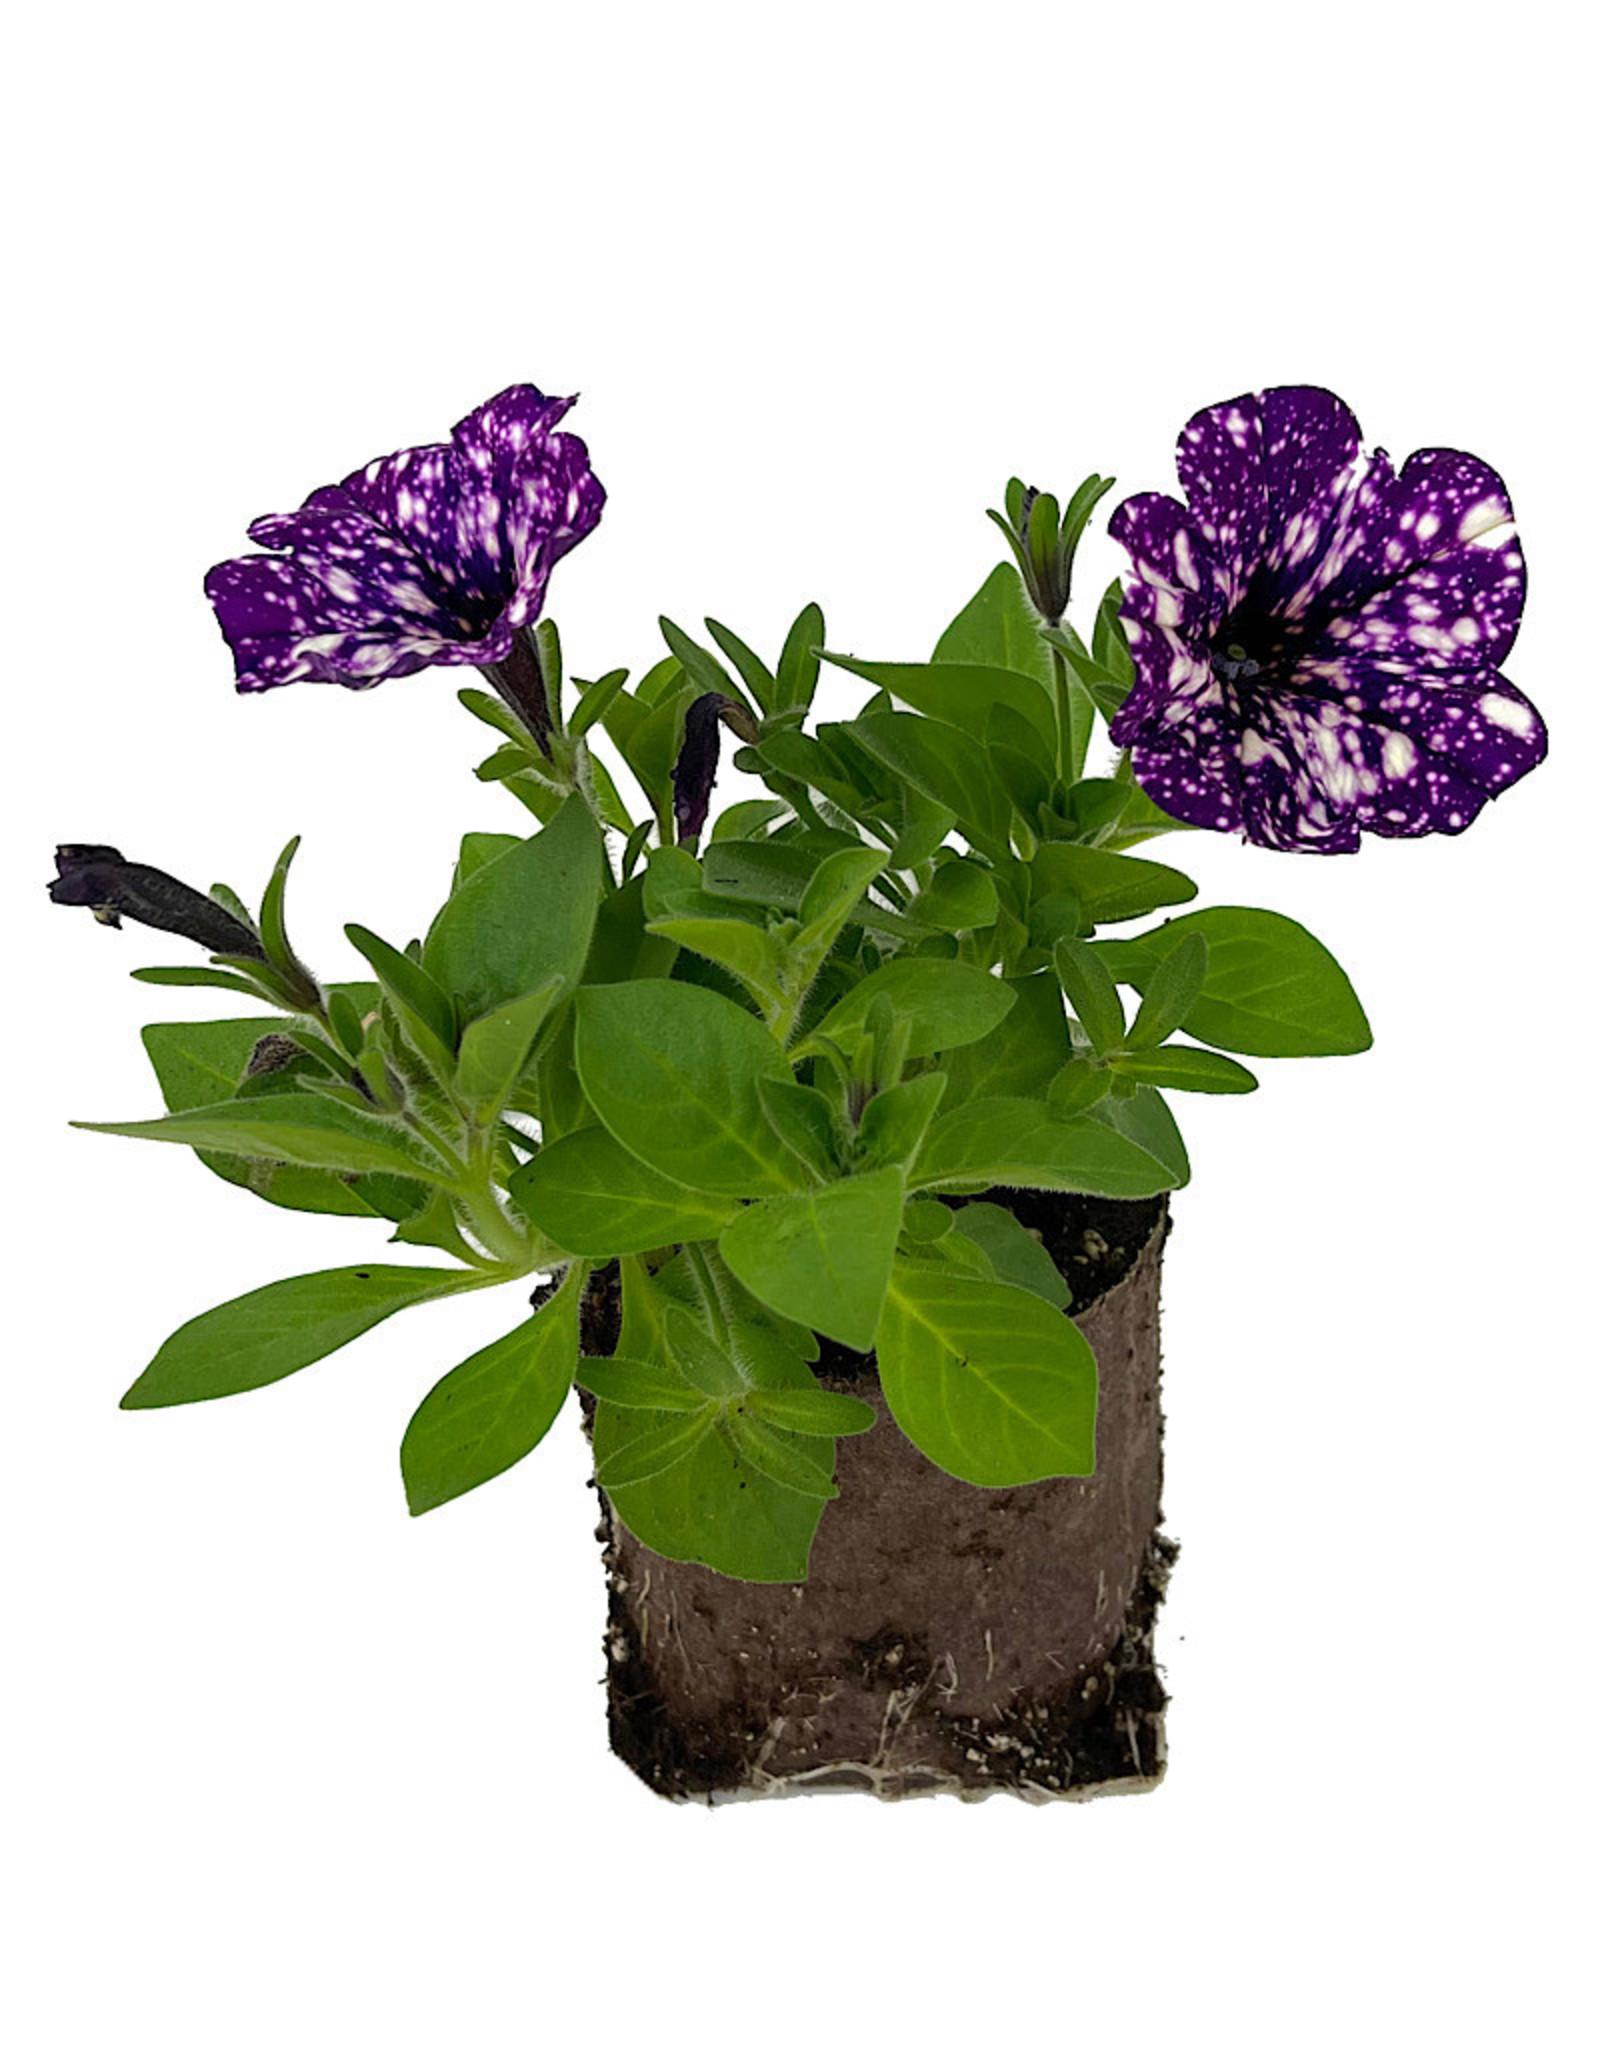 Petunia 'Surprise Sparkle Purple' 4 Inch